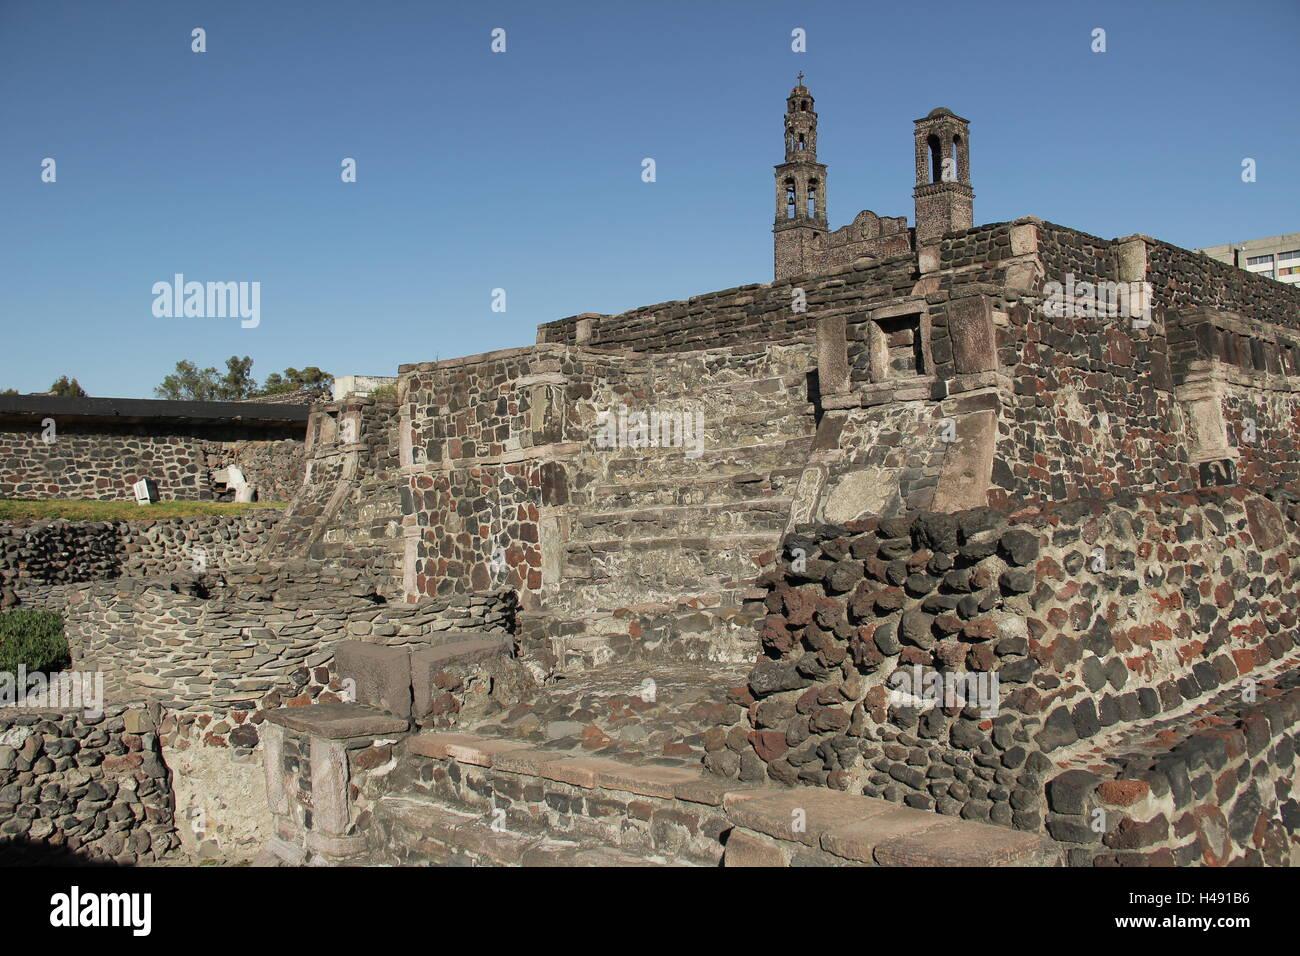 Tlatelolco. Plaza de tres culturas. - Stock Image